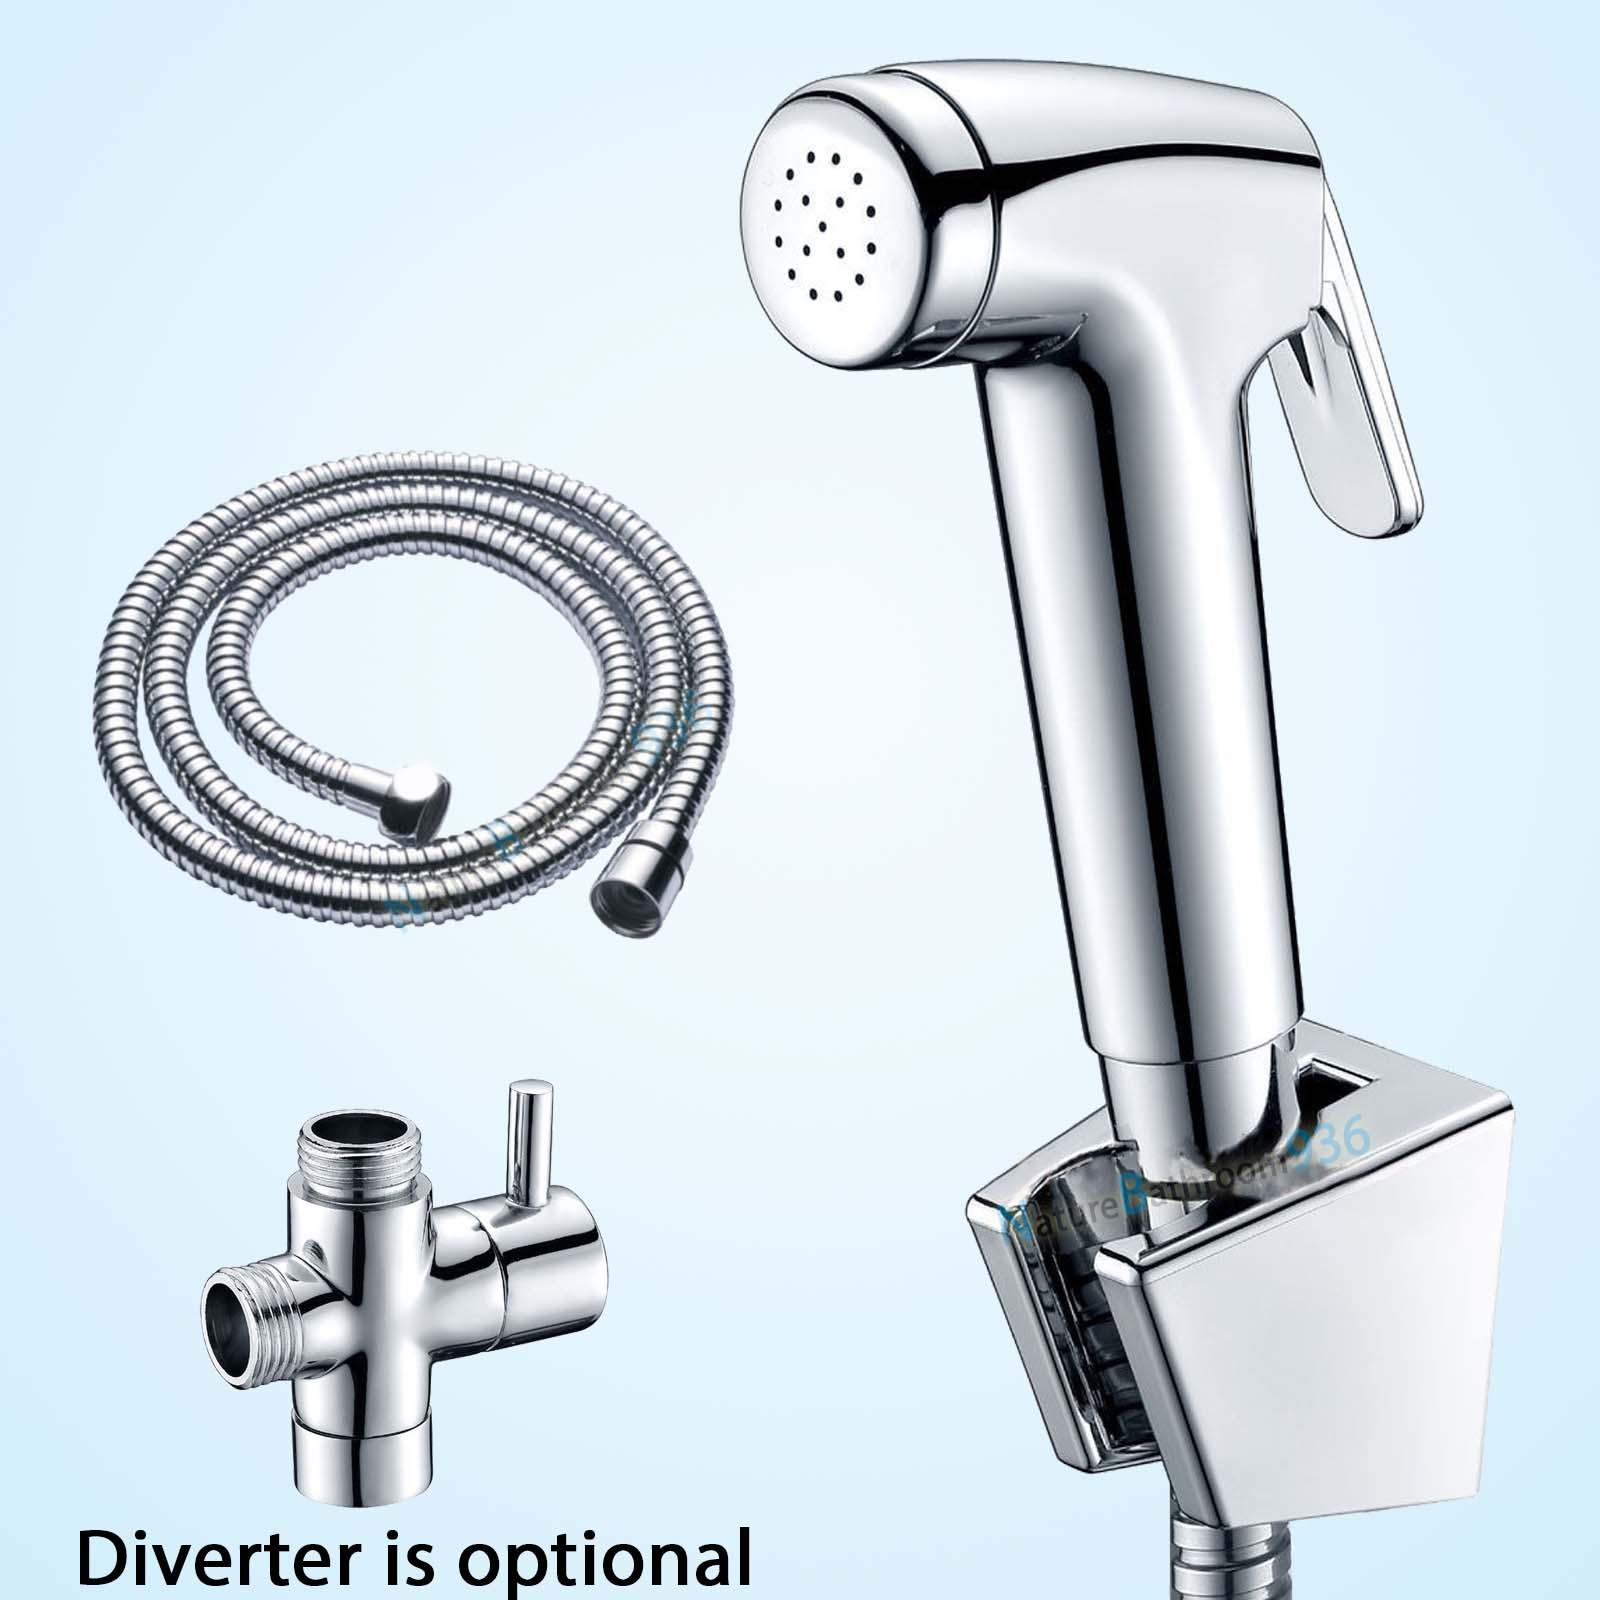 Handheld Shower Head Douche Toilet Bidet Spray Wash Jet Shattaf ...